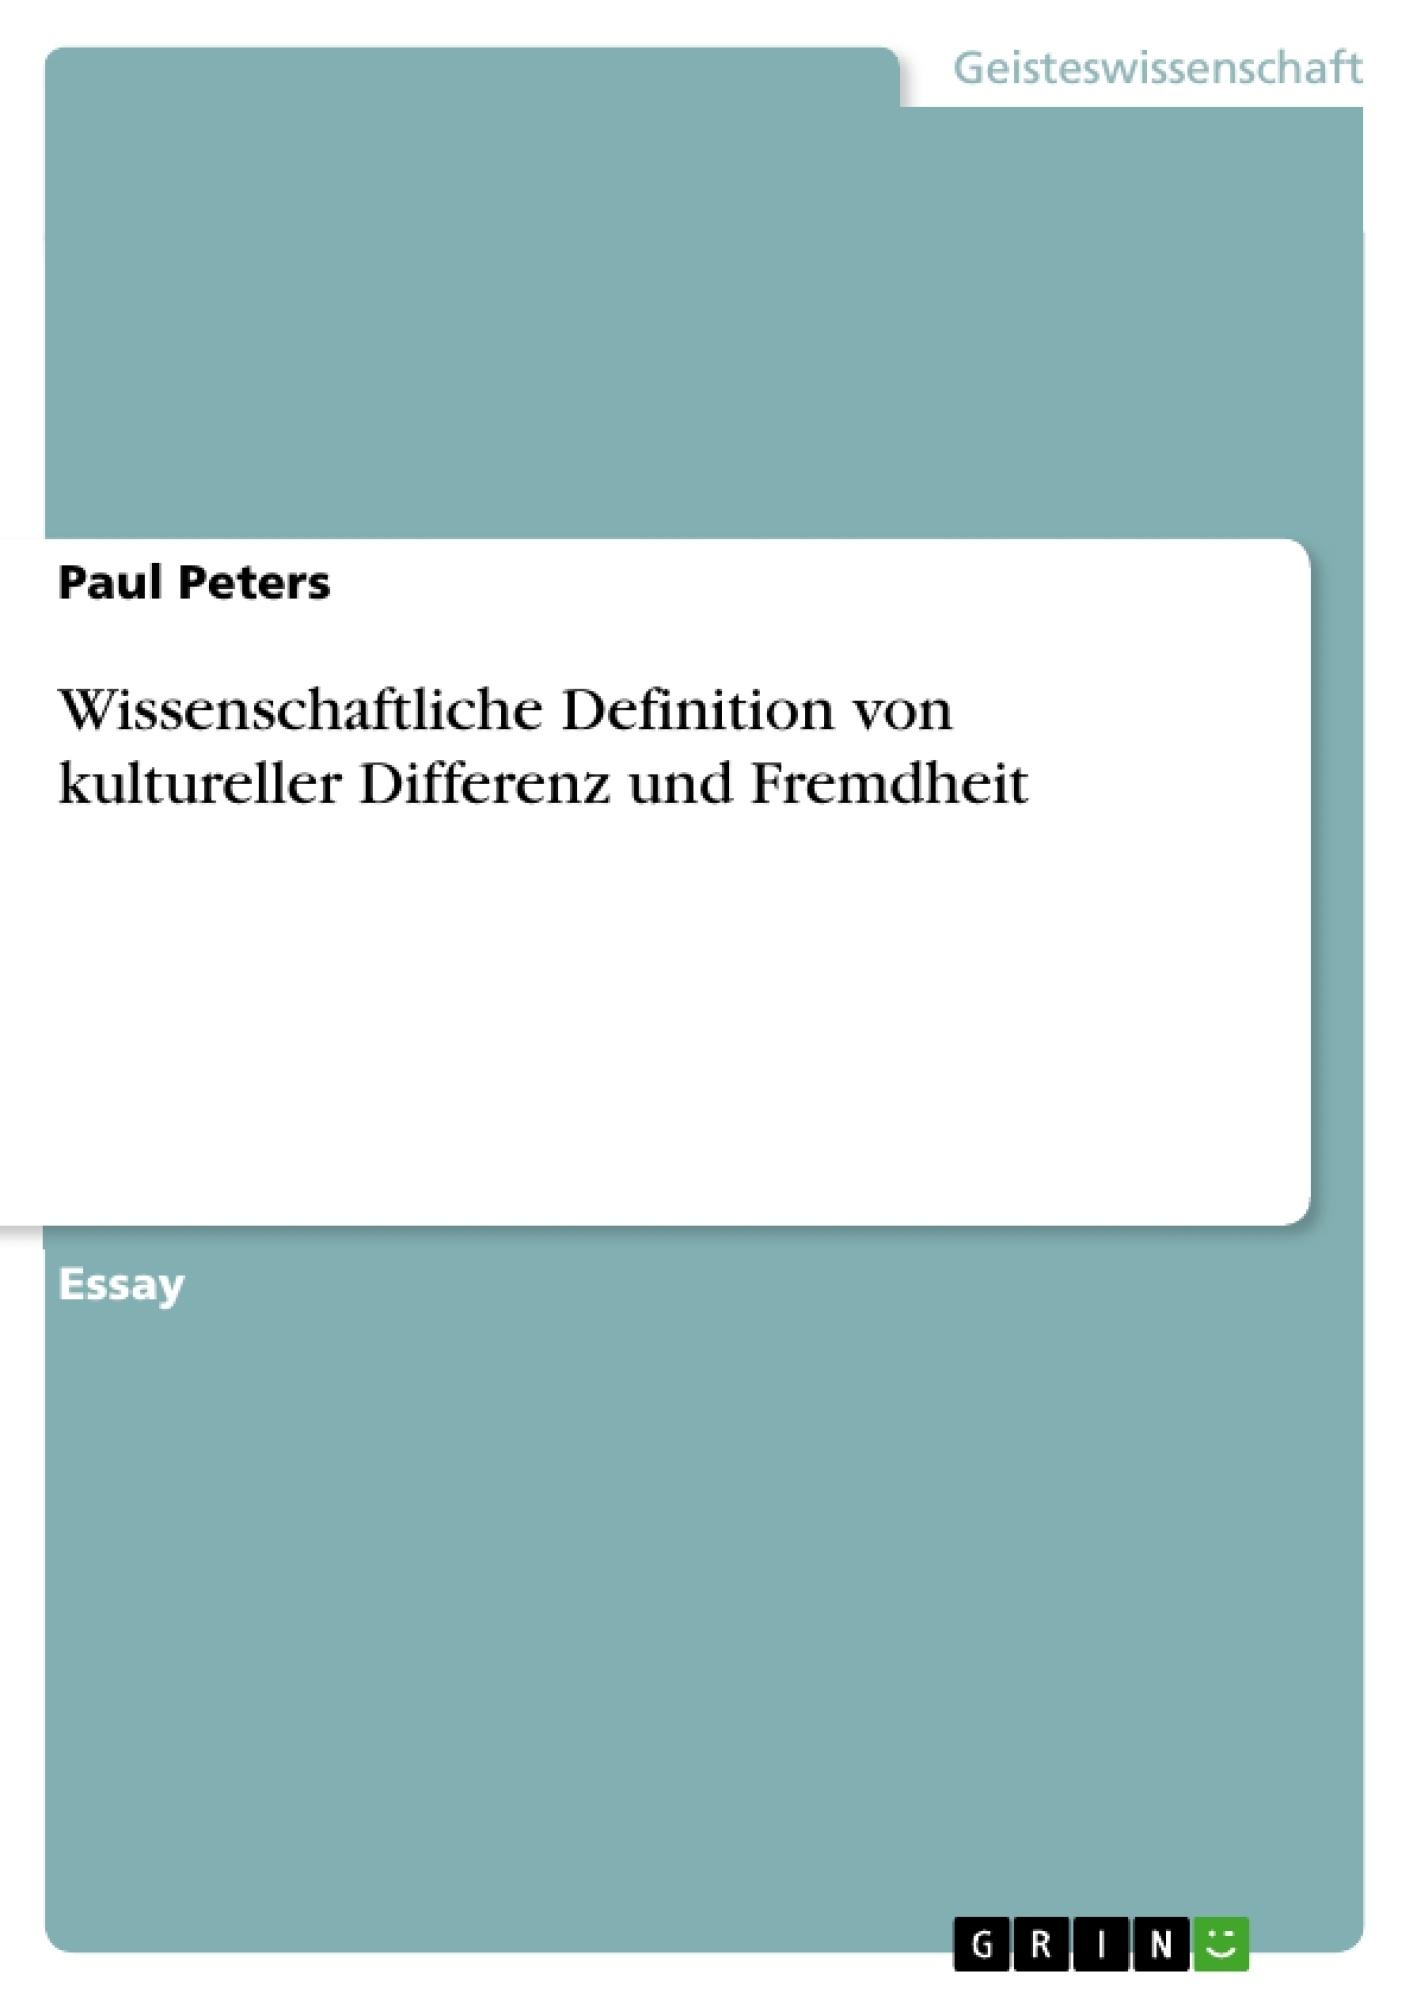 Wissenschaftliche Definition von kultureller Differenz und Fremdheit ...